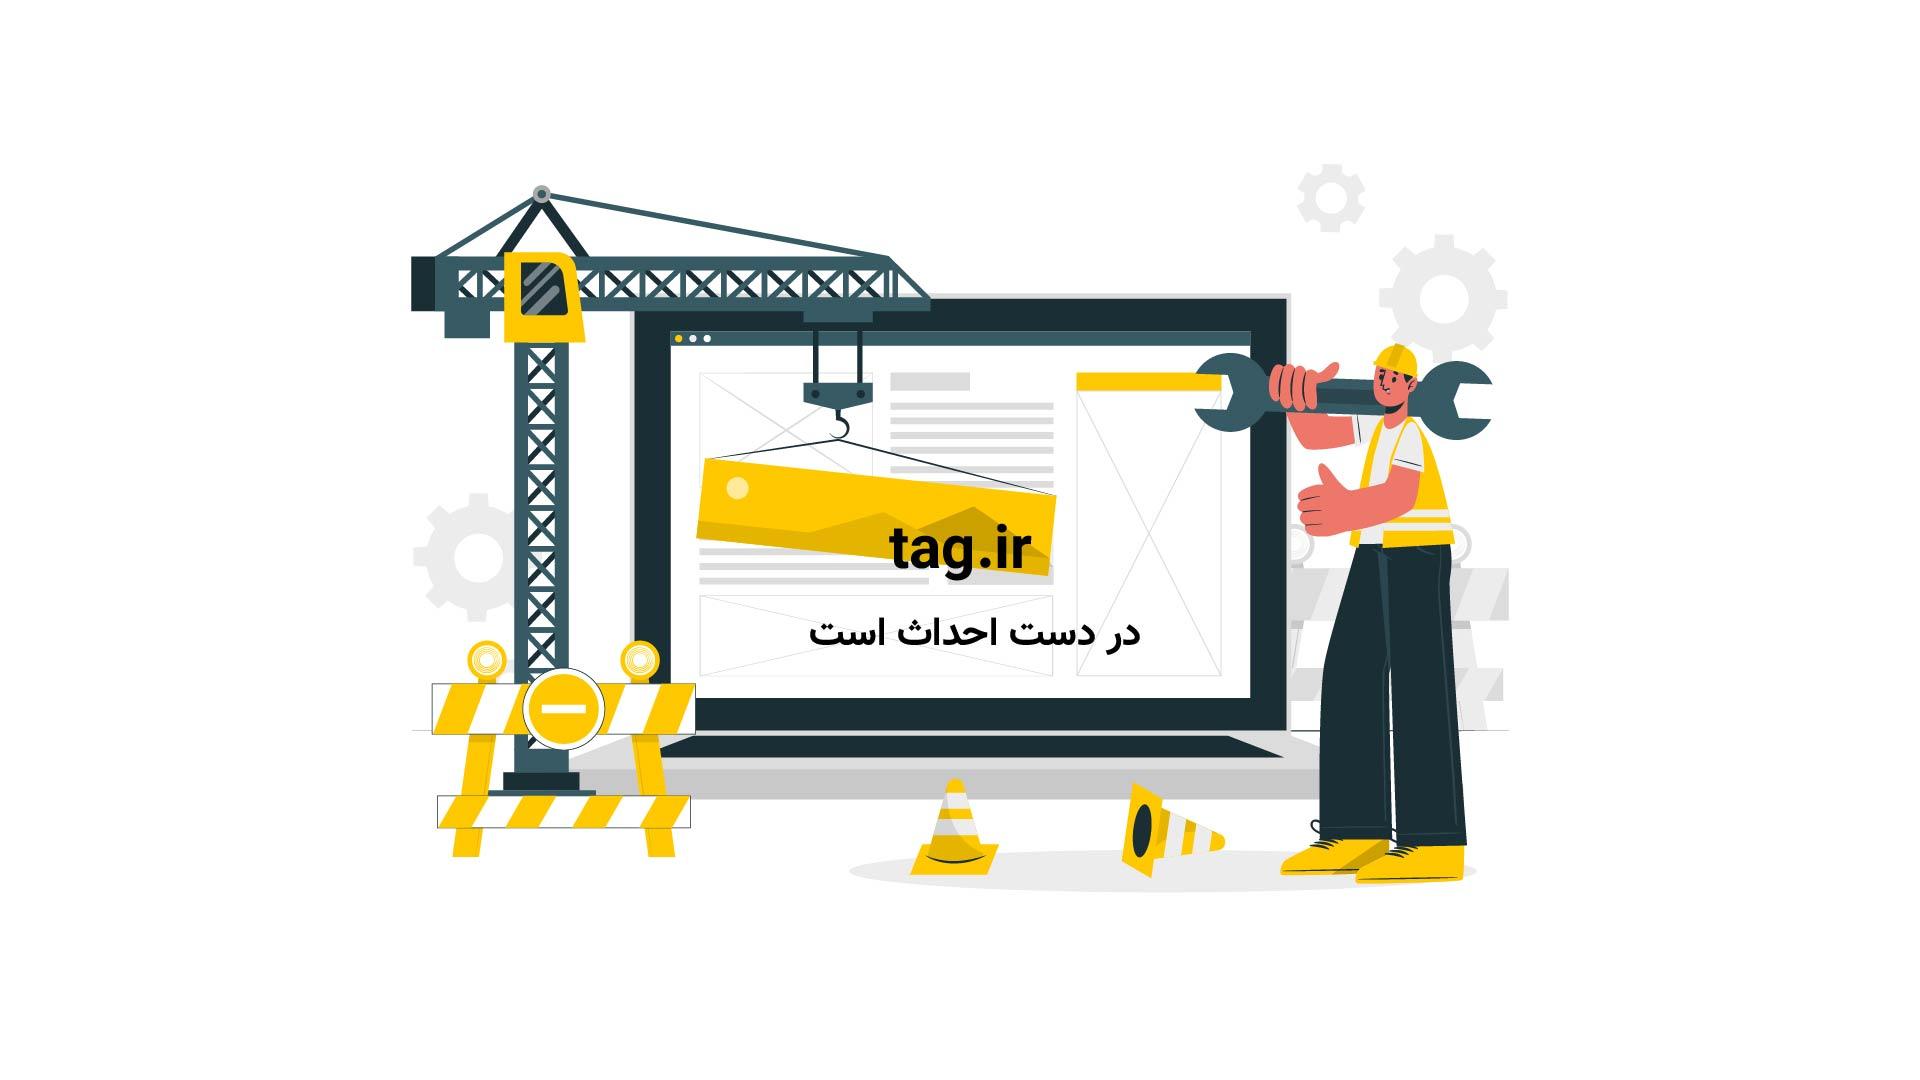 تکنیک نقاشی با آبرنگ؛ آموزش کشیدن سیاره های منظومه شمسی   فیلم